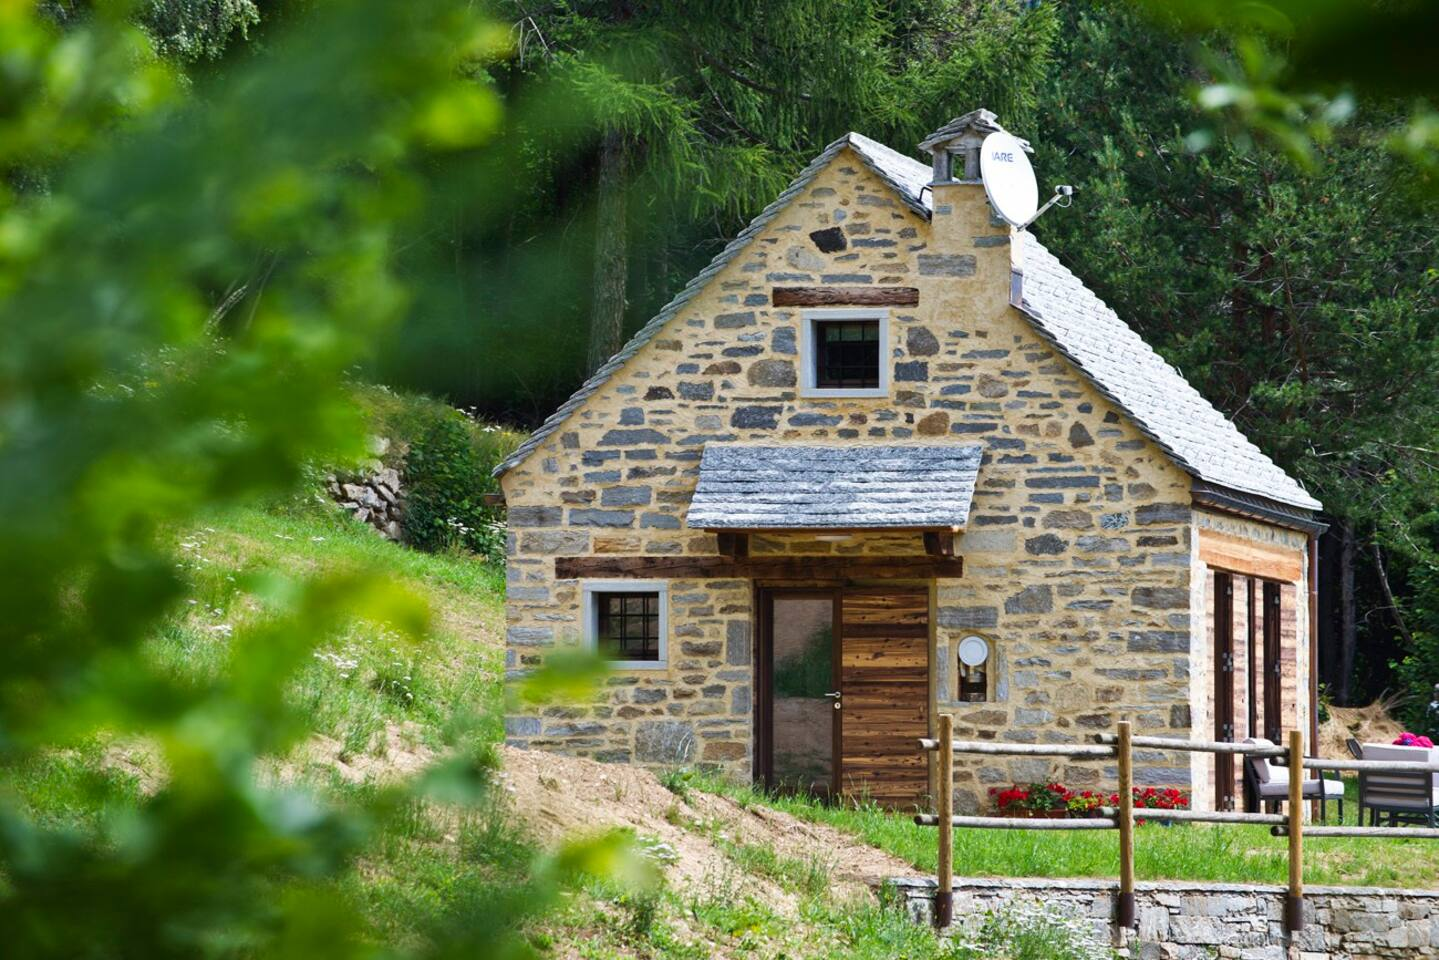 Completamente ricostruito su un rudere, lo chalet Milly in sasso con tetto in pietra e porte e finestre in legno naturale.